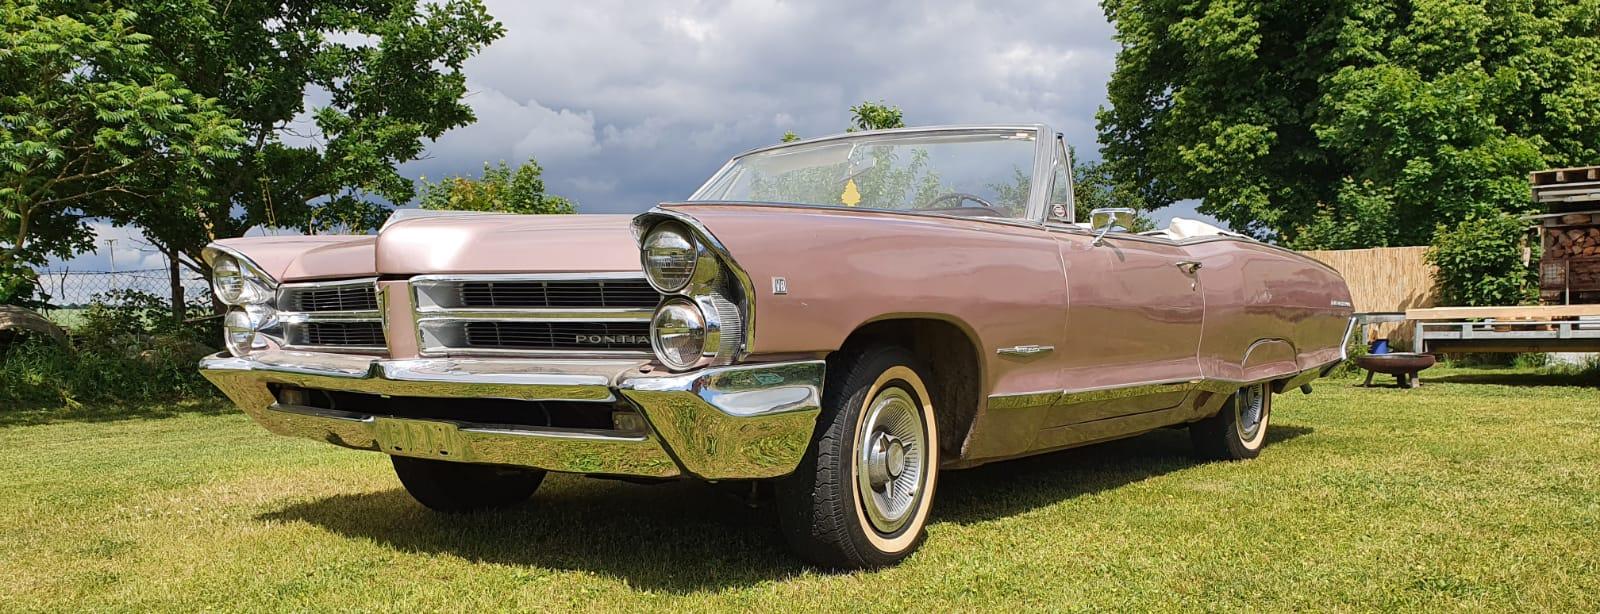 Pontiac Parisienne Cabrio 1965